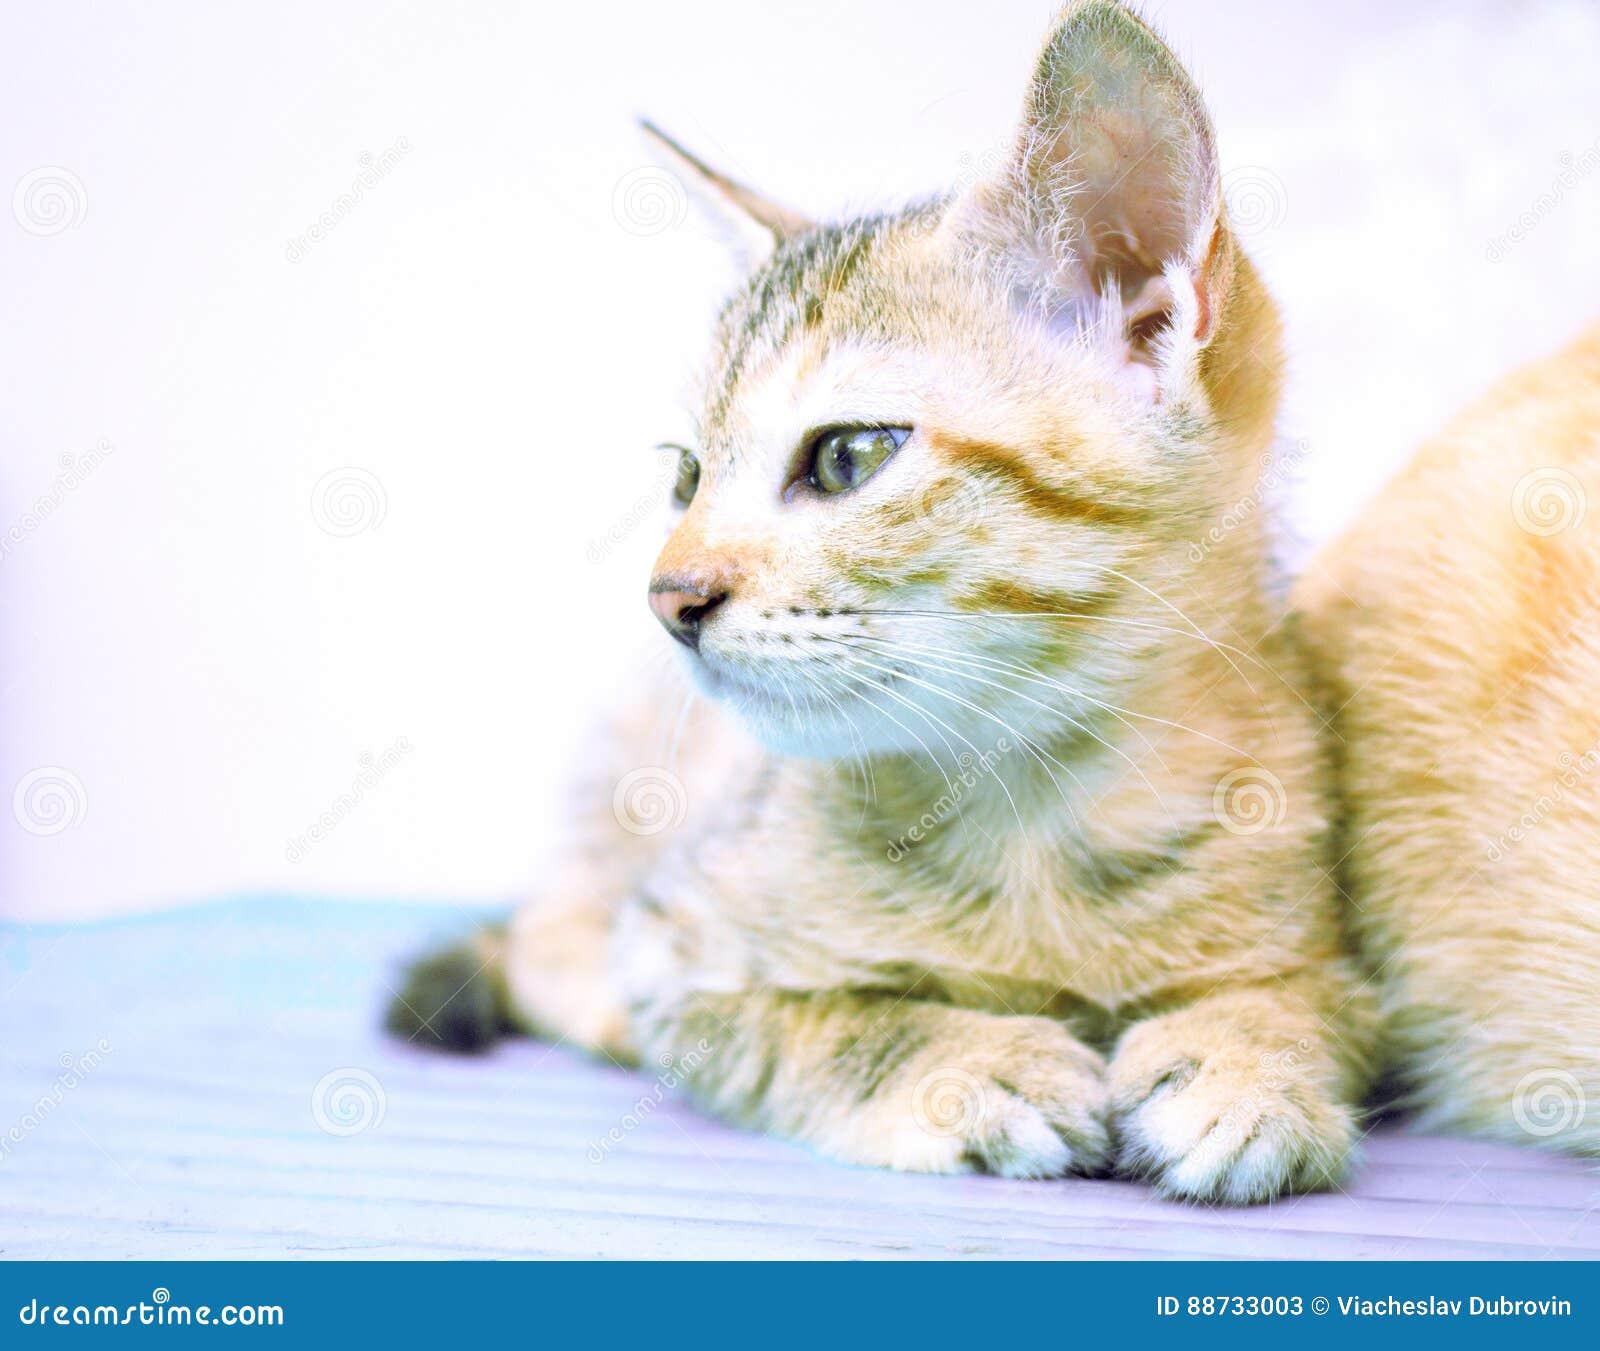 125ffd3e022f Μικρό γατάκι στον ξύλινο πάγκο Νέα γάτα στο ξύλινο υπόβαθρο Ζωή επαρχίας  της εσωτερικής γάτας Του χωριού γατάκι στον αγροτικό πίνακα Καλό καφετί  γατάκι ...